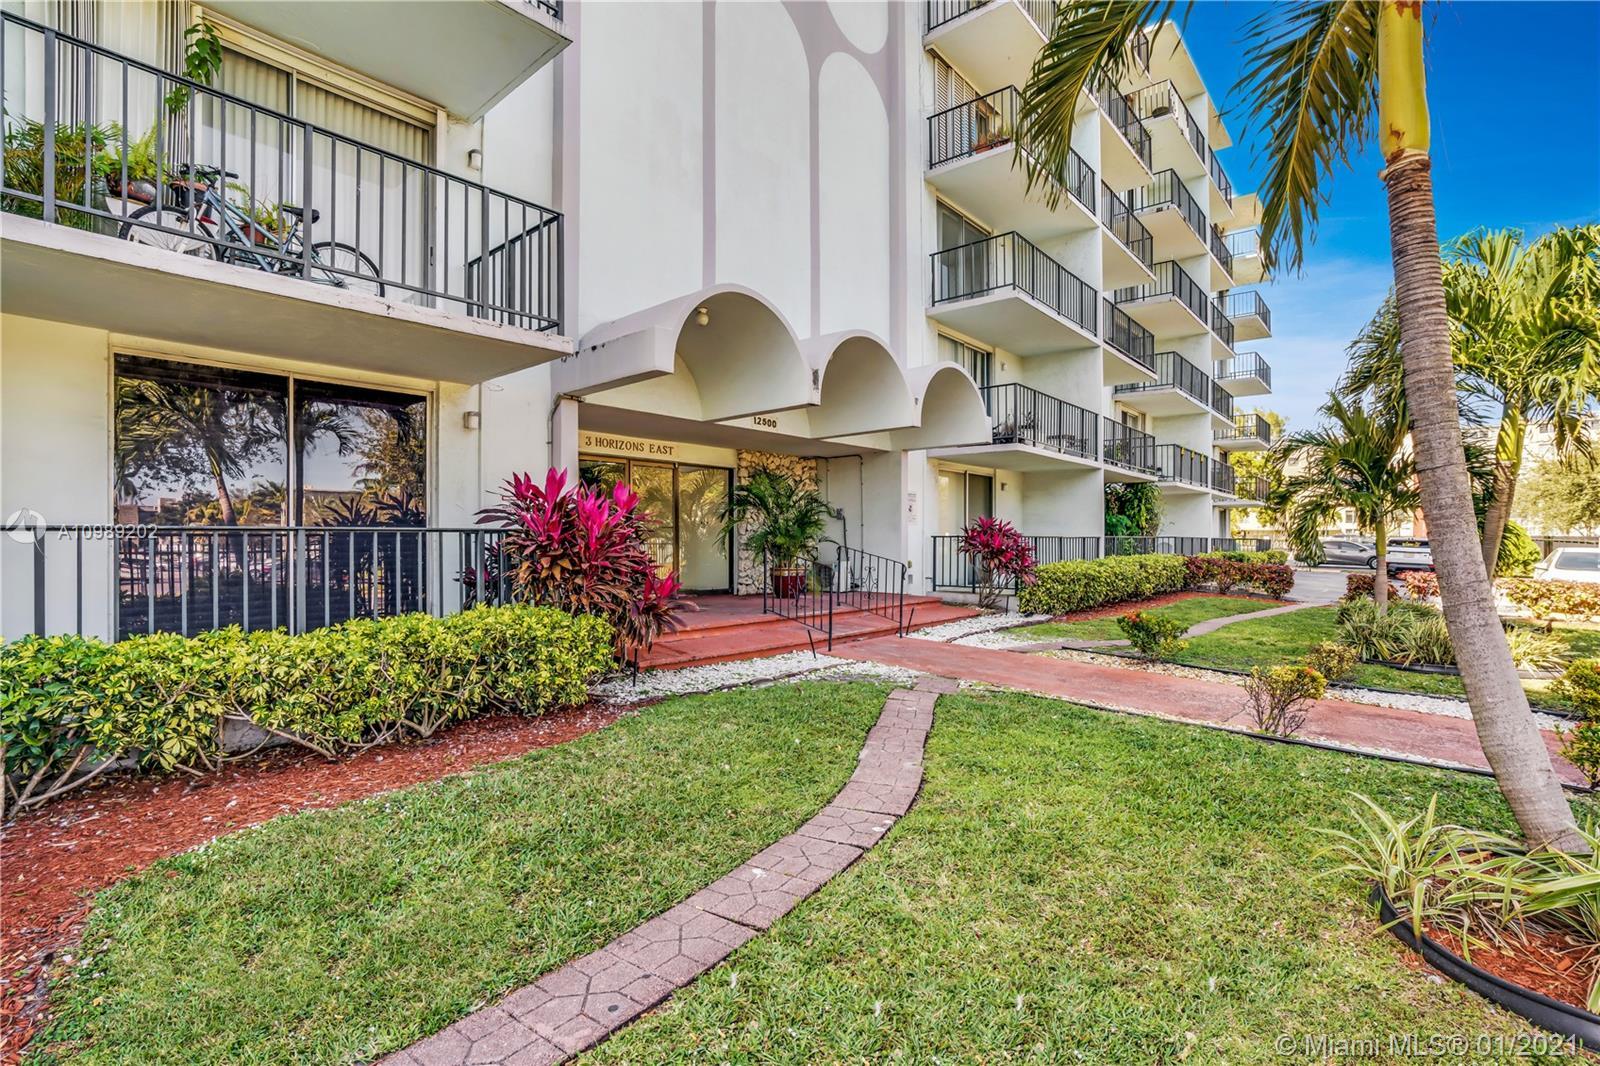 12500 Ne 15th Ave #105 Property Photo